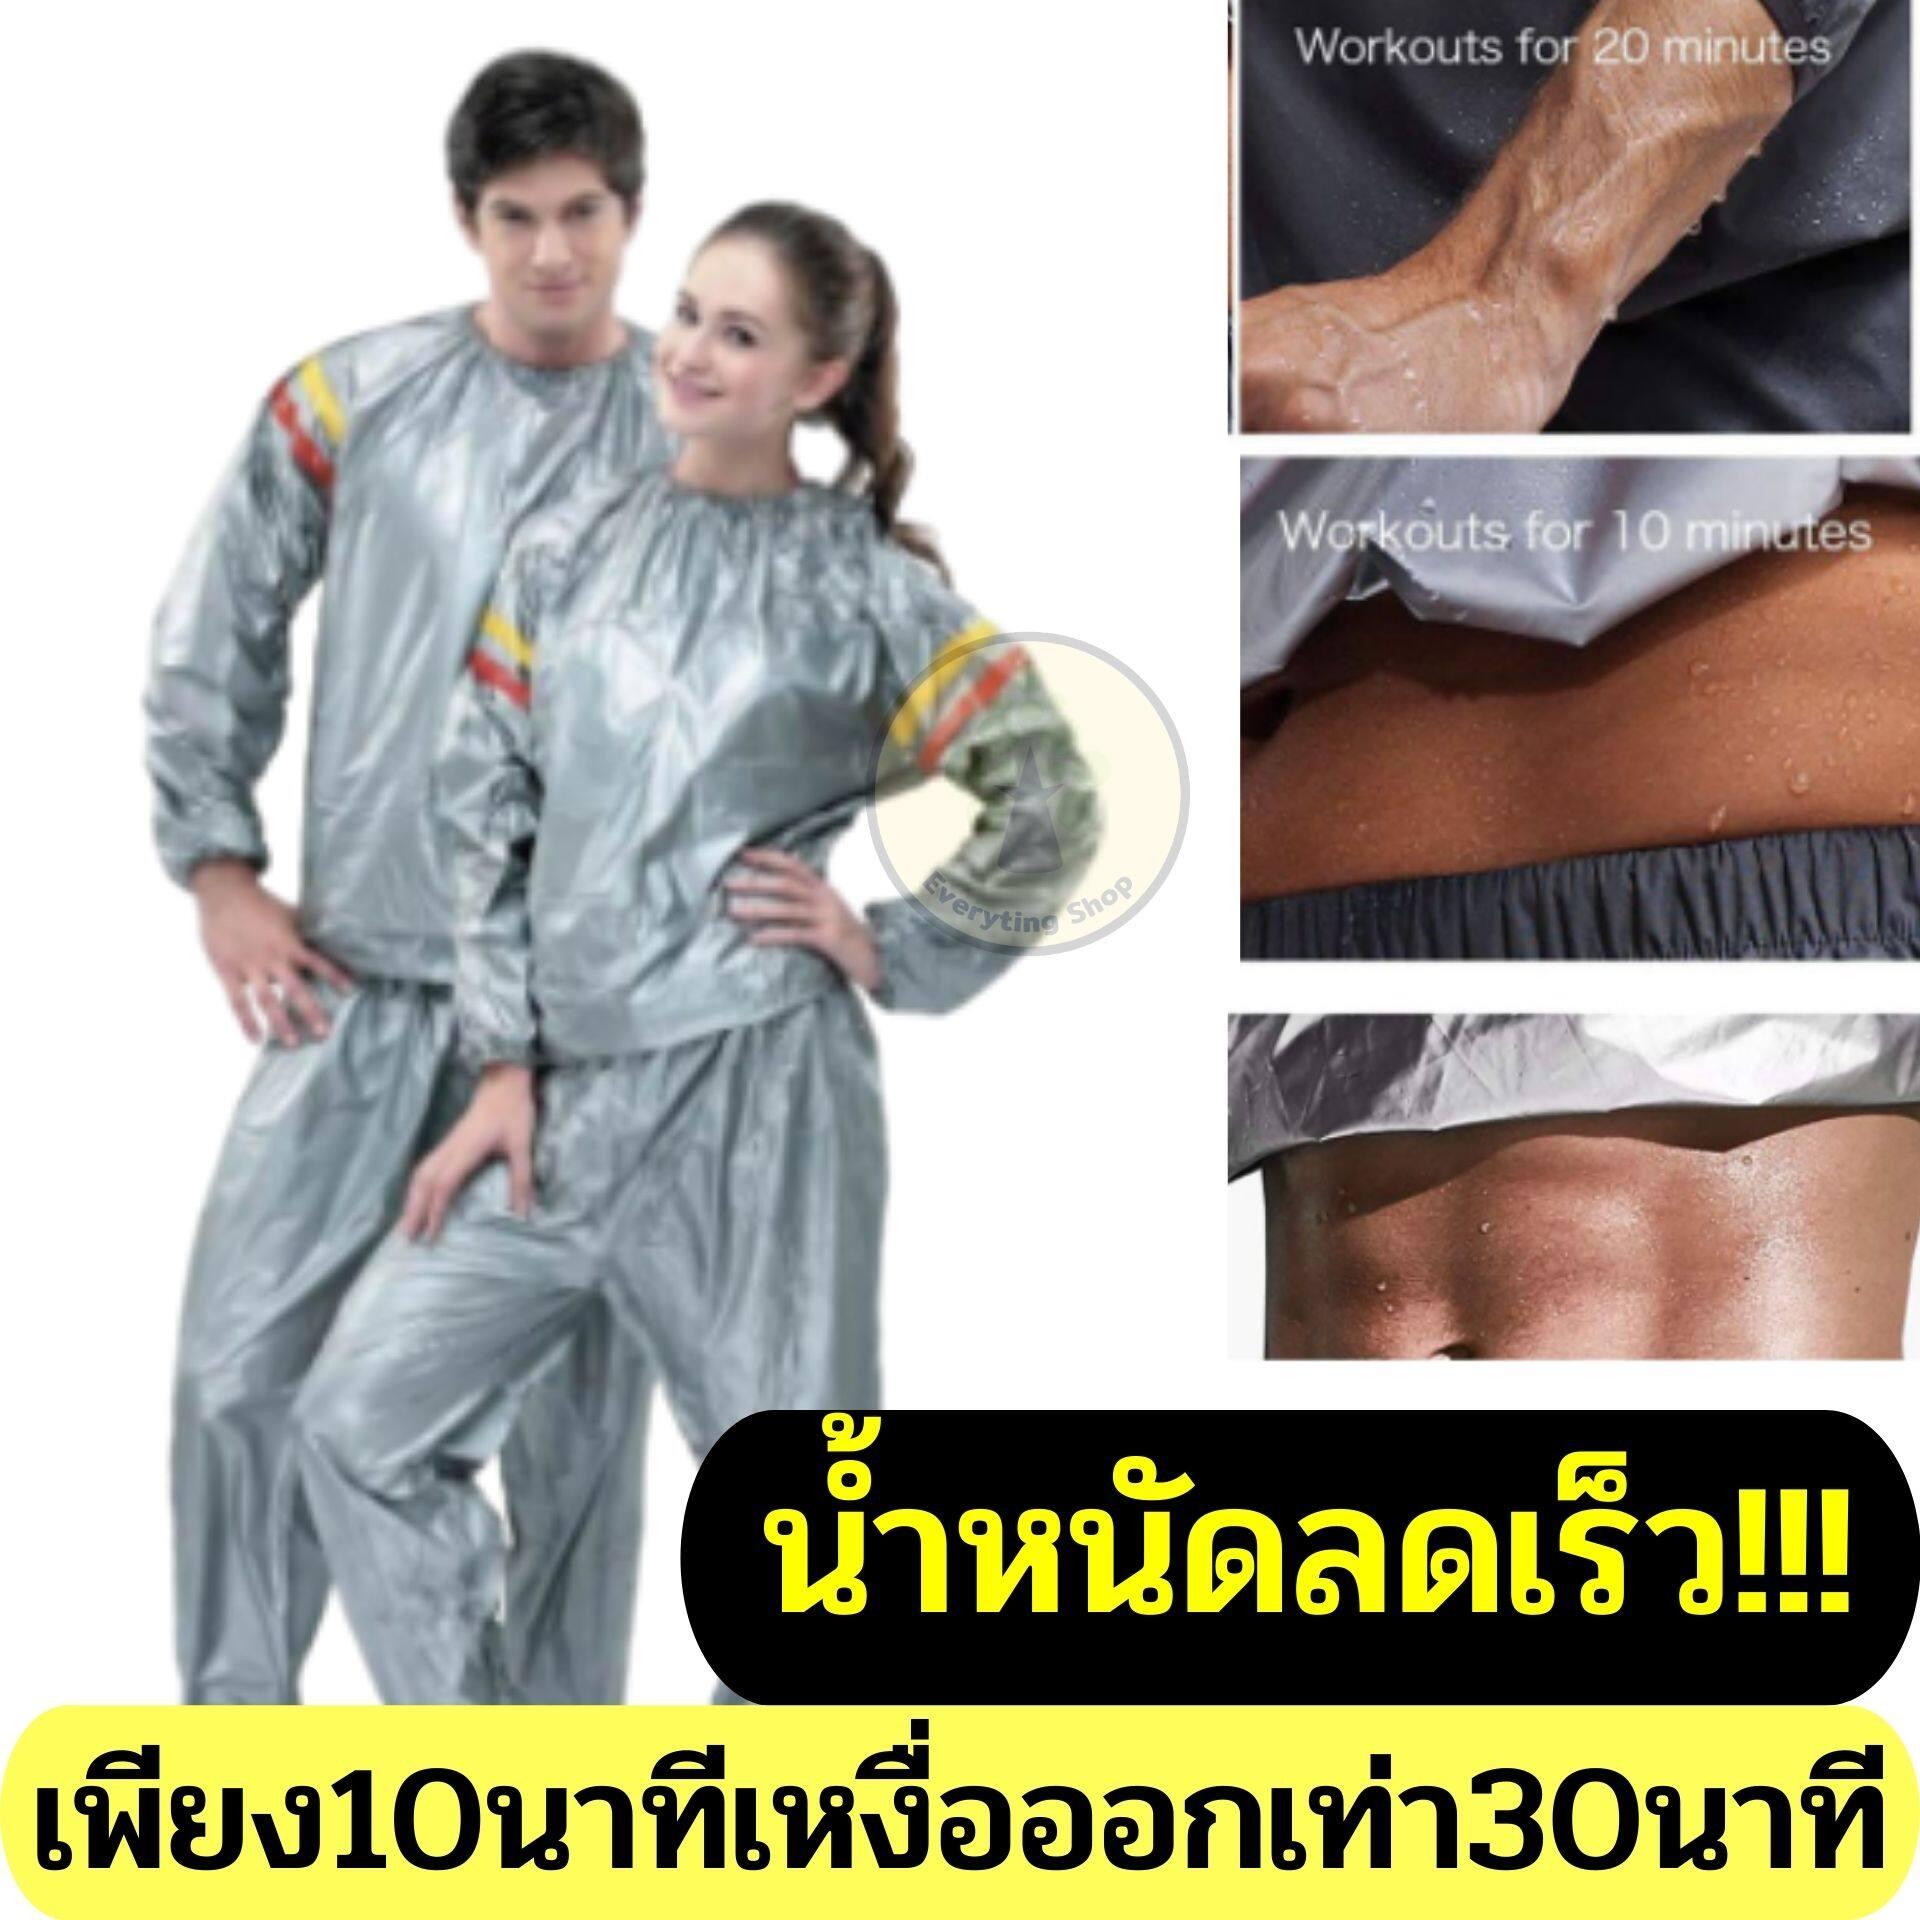 เสื้อรีดเหงื่อ ชุดลดน้ำนักมวย เสื้อลดน้ำหนัก ชุดรีดน้ำหนัก ชุดลดน้ำหนัก ผช ชุดซาวน่า ชุดรีดเหงื่อ ผญ ชุดลดน้ำหนัก สินค้าพร้อมส่ง.